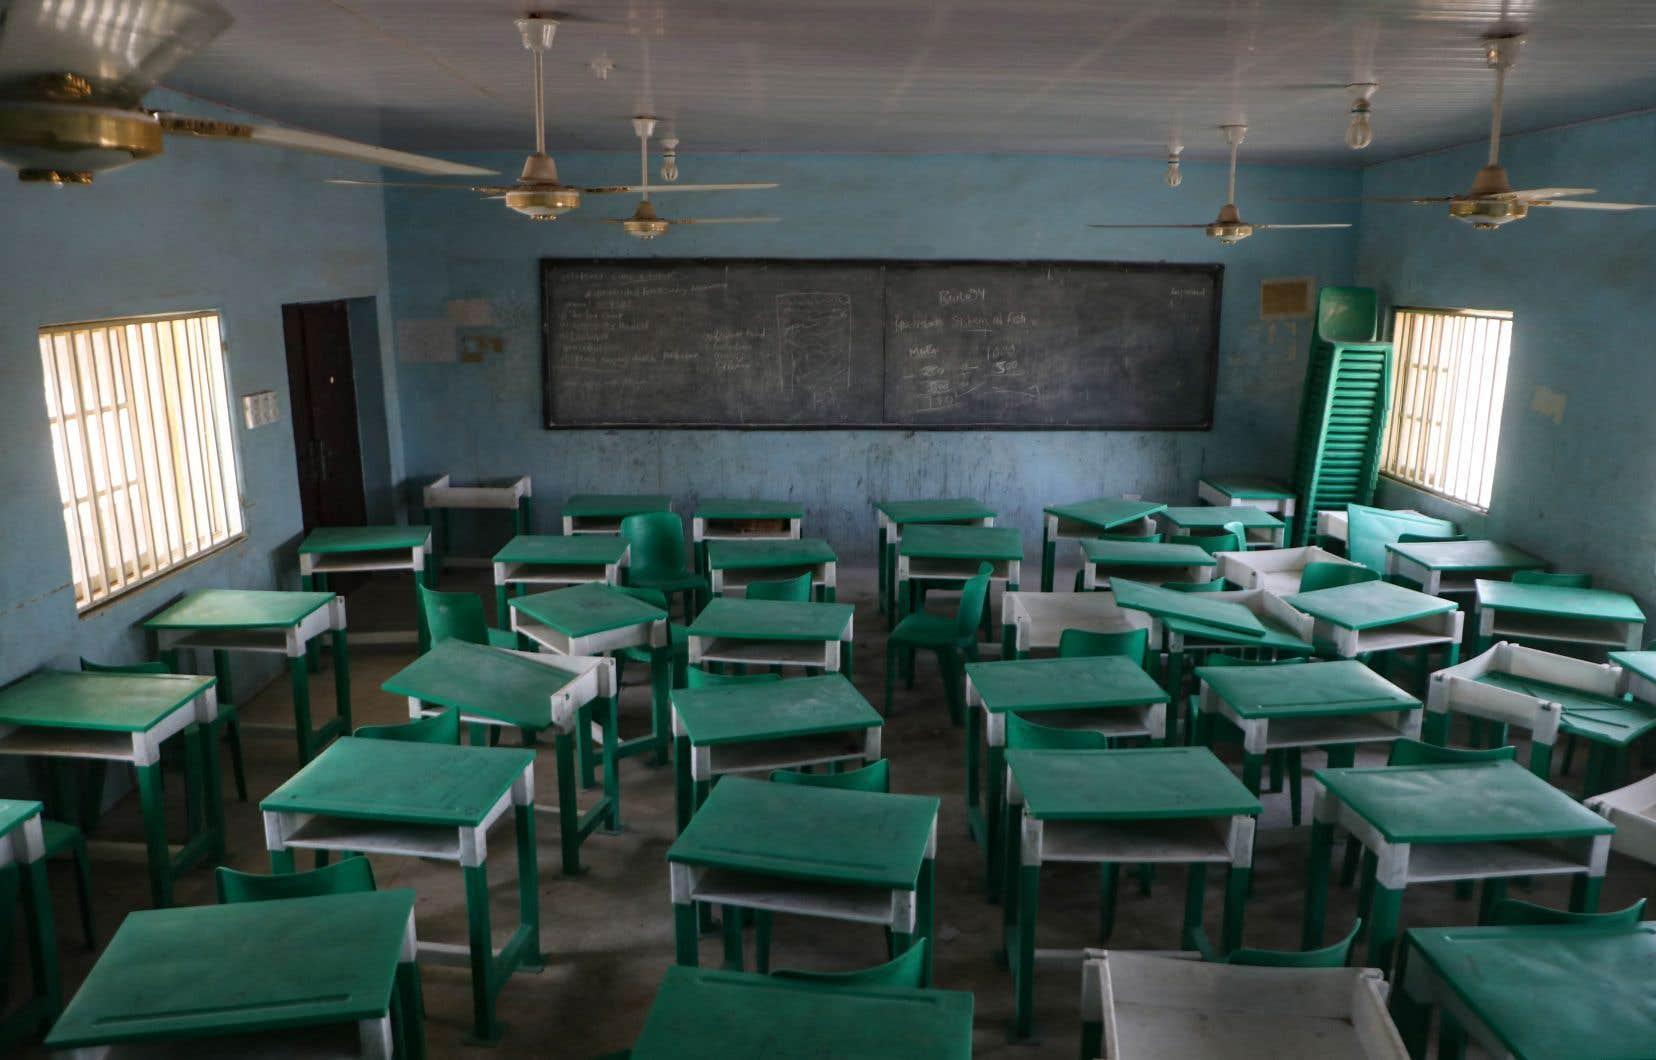 Une salle de classe vide, lors d'un précédent enlèvement d'élèves dans une école de l'État de Zamfara, au Nigeria